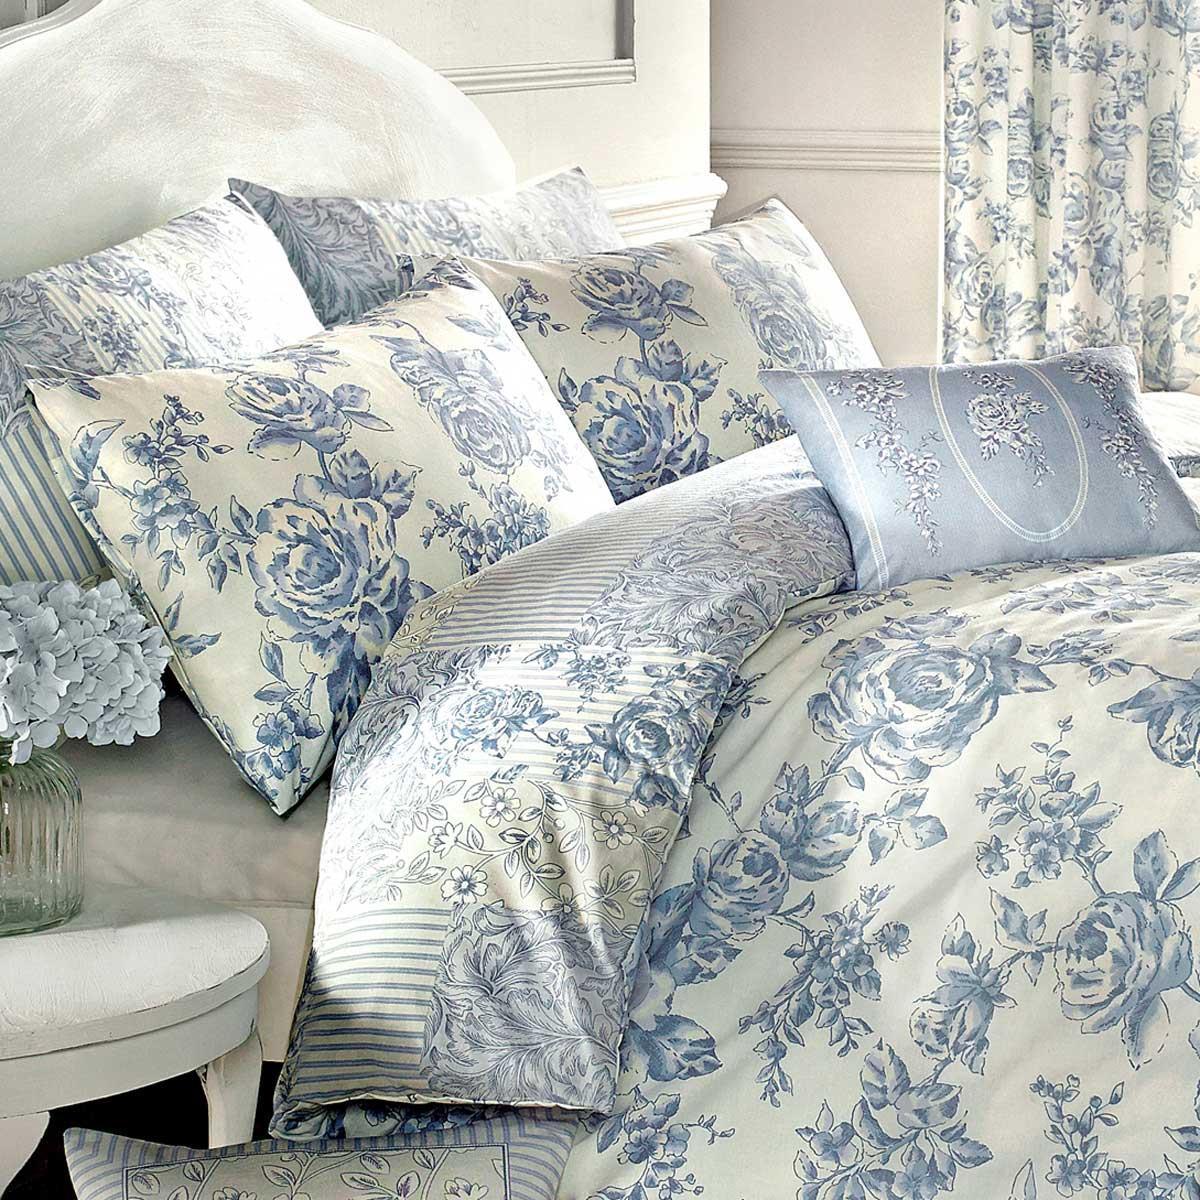 Fundas-de-edredon-azul-con-motivos-florales-Patchwork-Toile-pais-Edredon-Cubierta-de-Lujo-sistemas miniatura 16